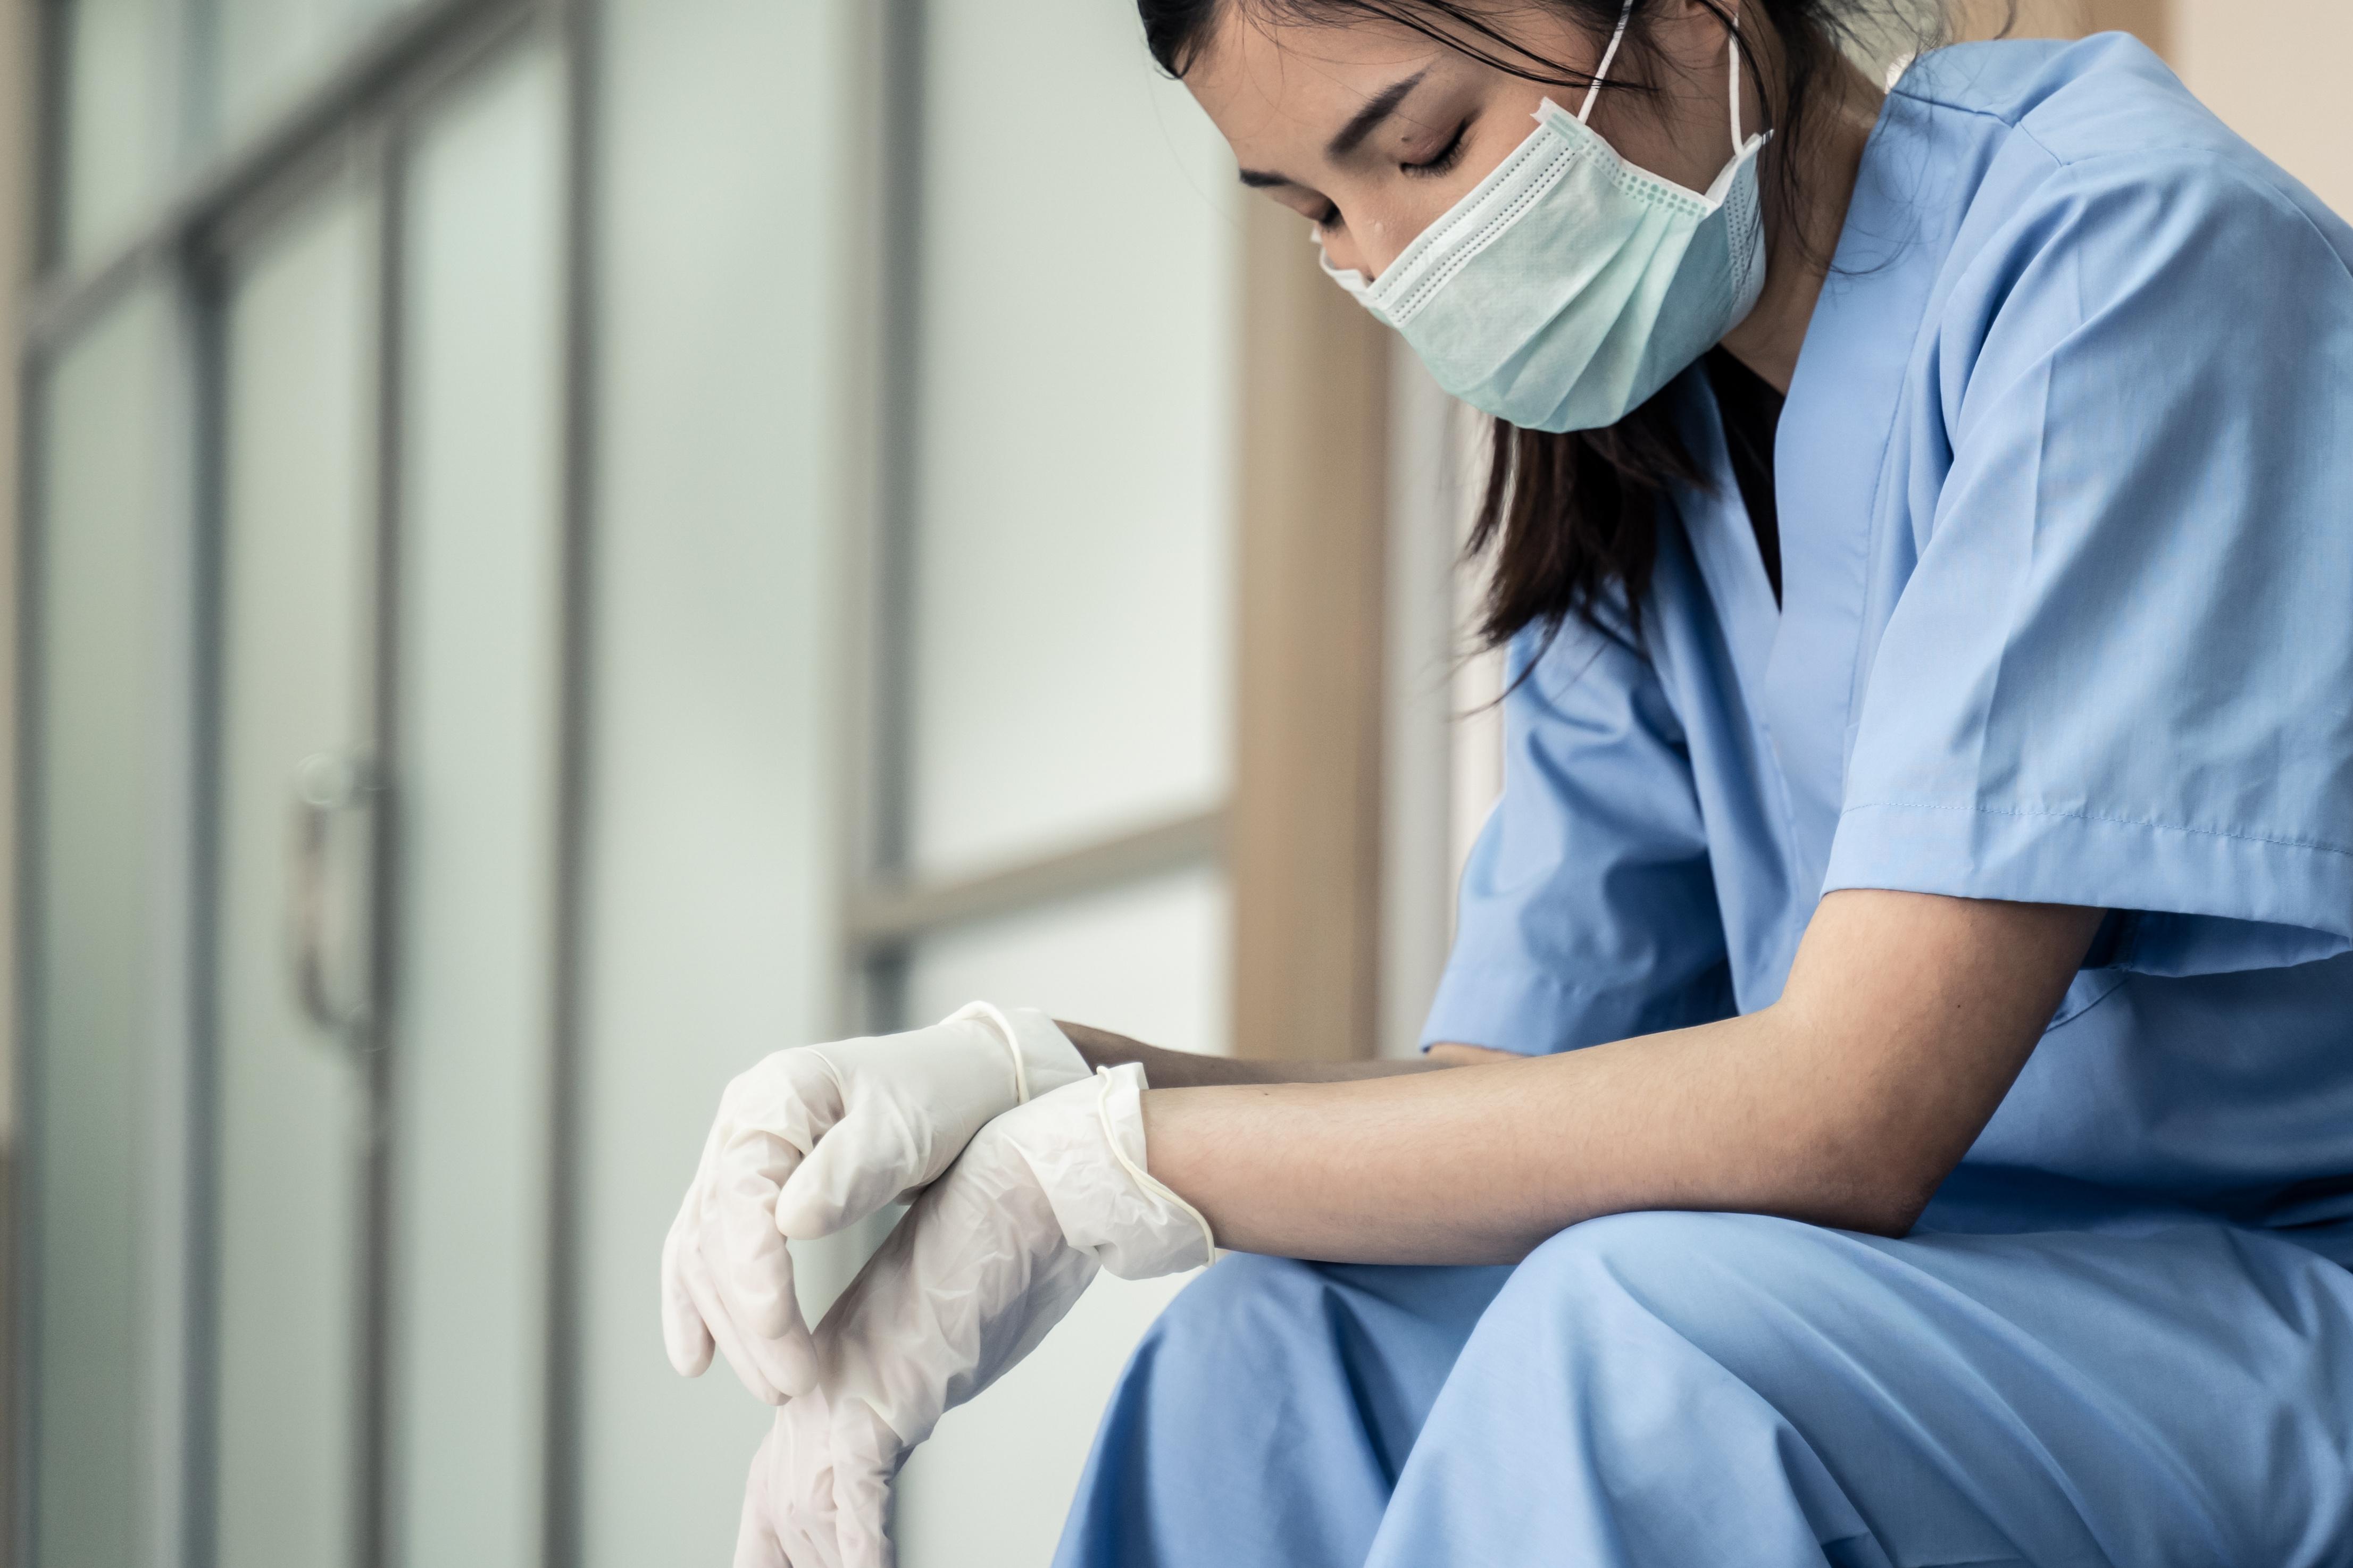 Durant la pandémie de COVID-19, les conditions de travail avec le plus souvent de longues périodes de soins aux patients ont gravement affecté la santé physique et mentale des infirmières (Visuel Adobe Stock 366204474)